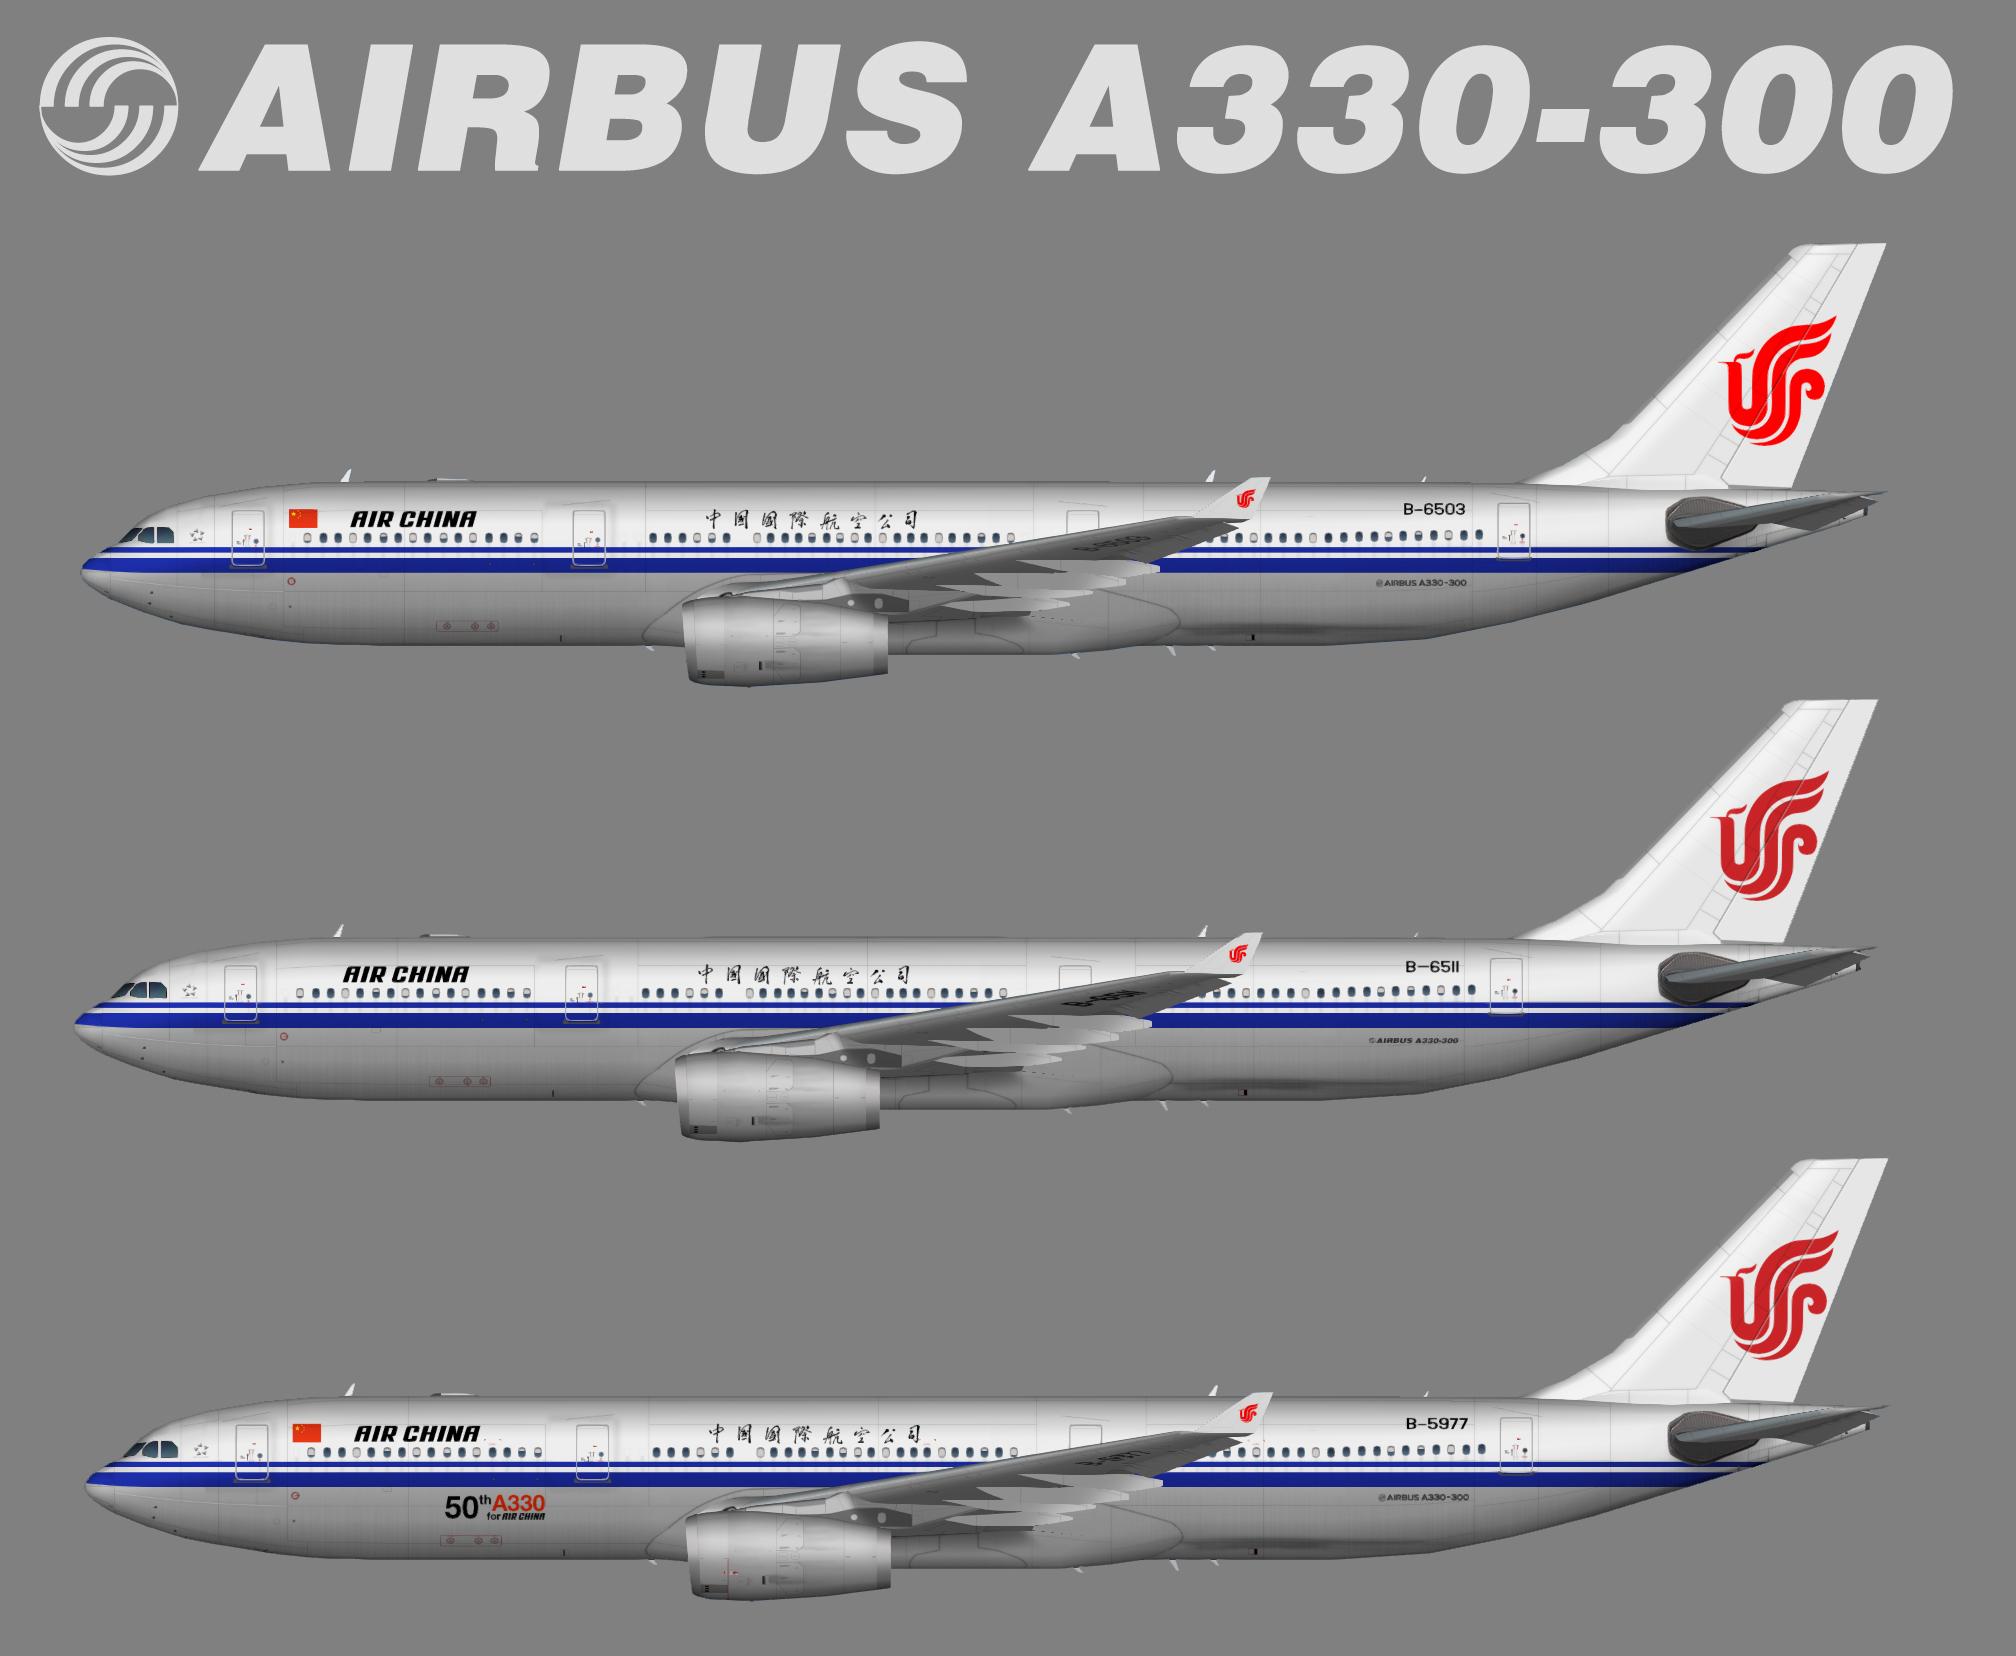 Air China Airbus A330-300